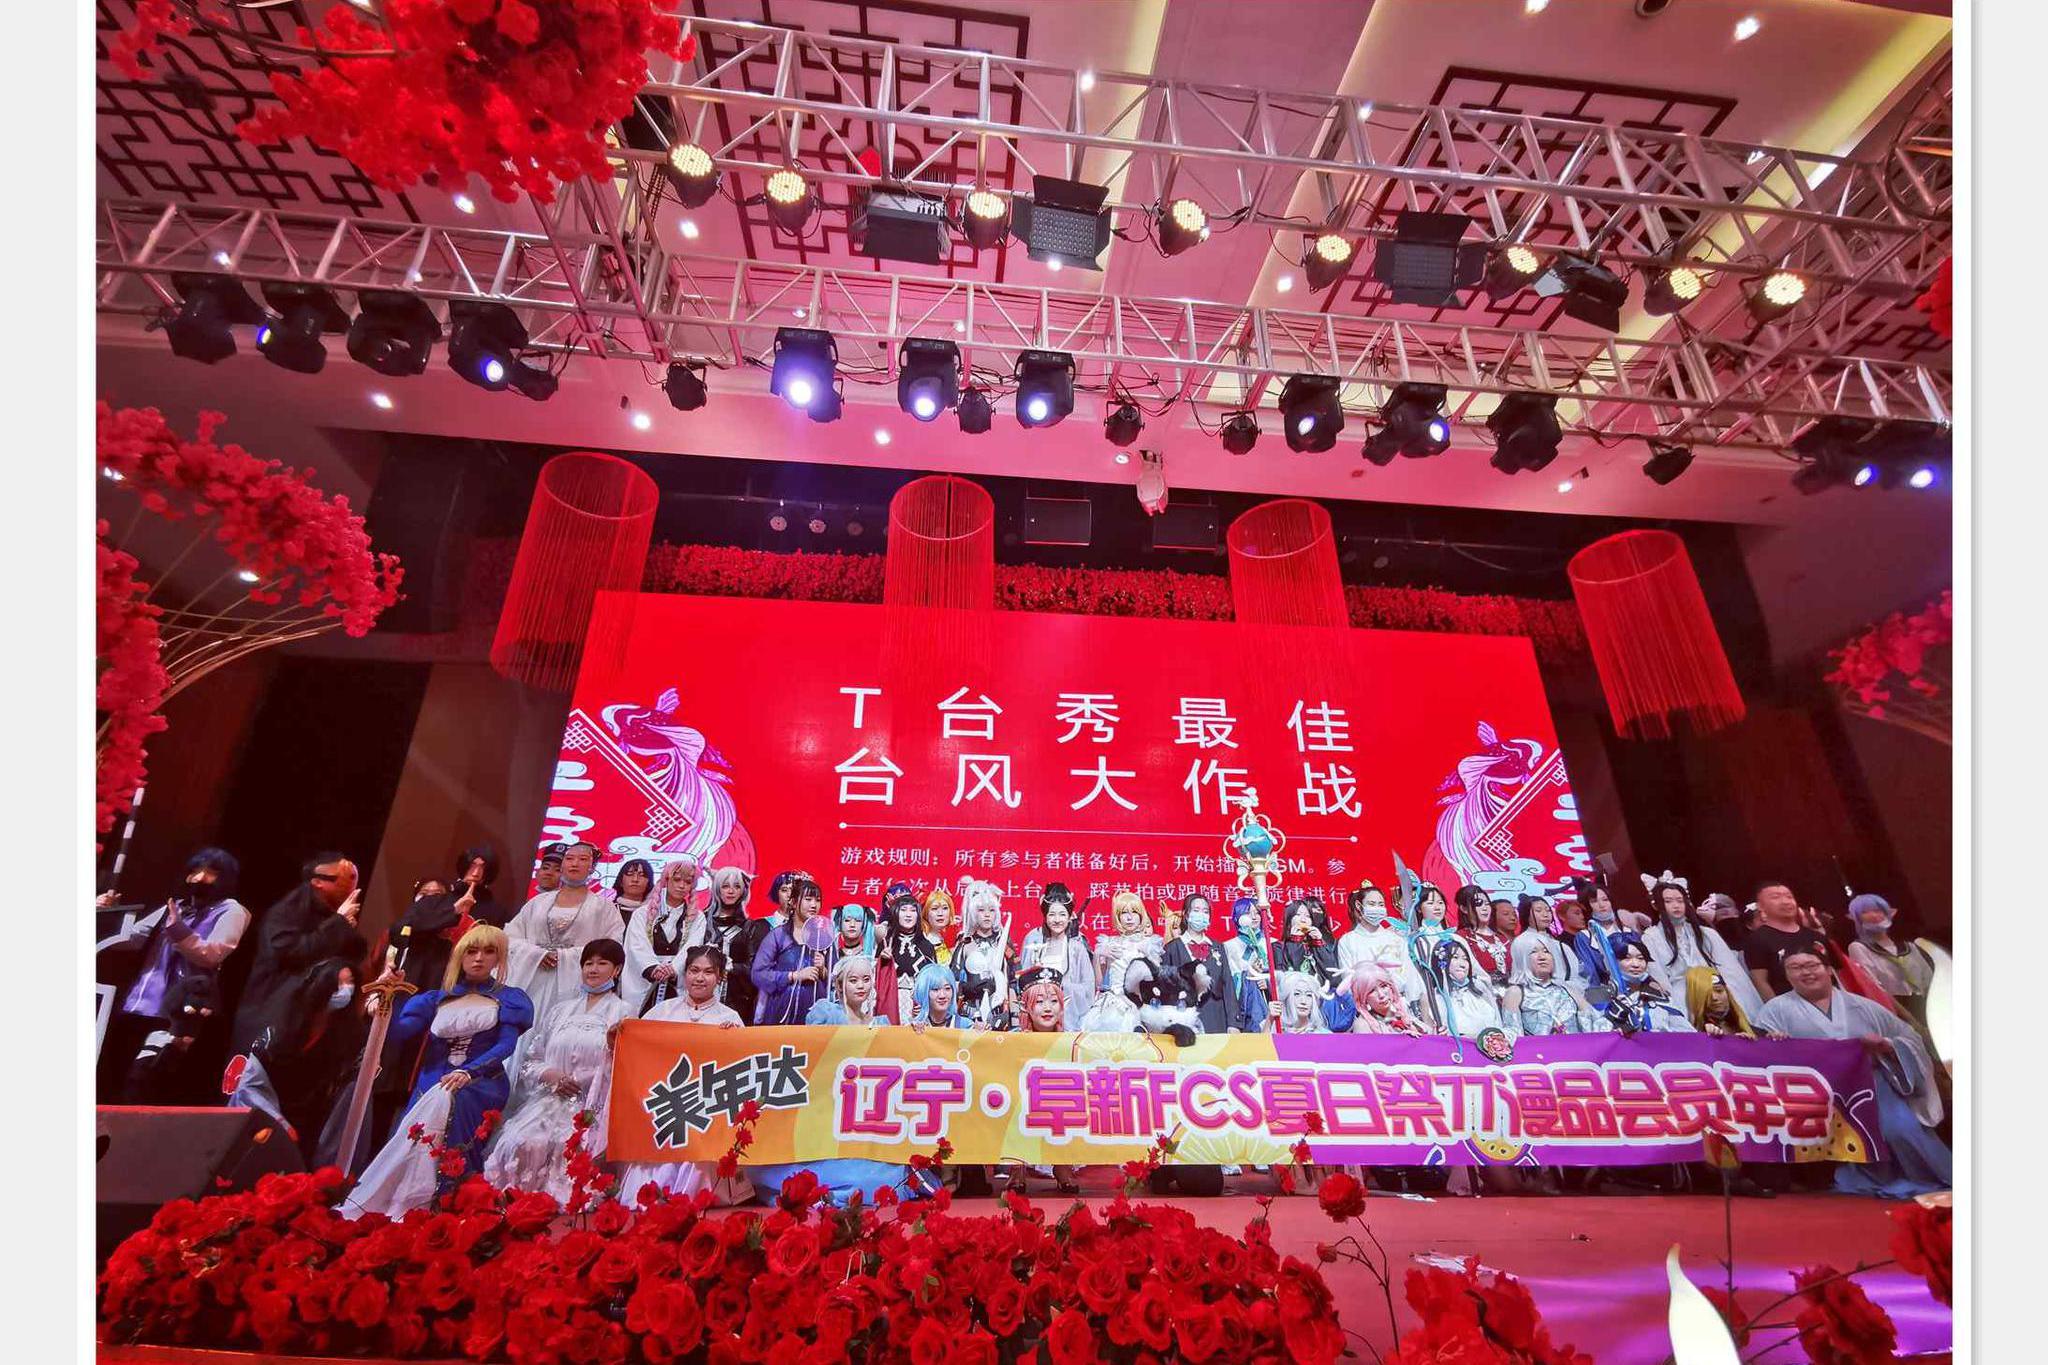 FCS动漫夏日祭(漫展日记)(修改版)